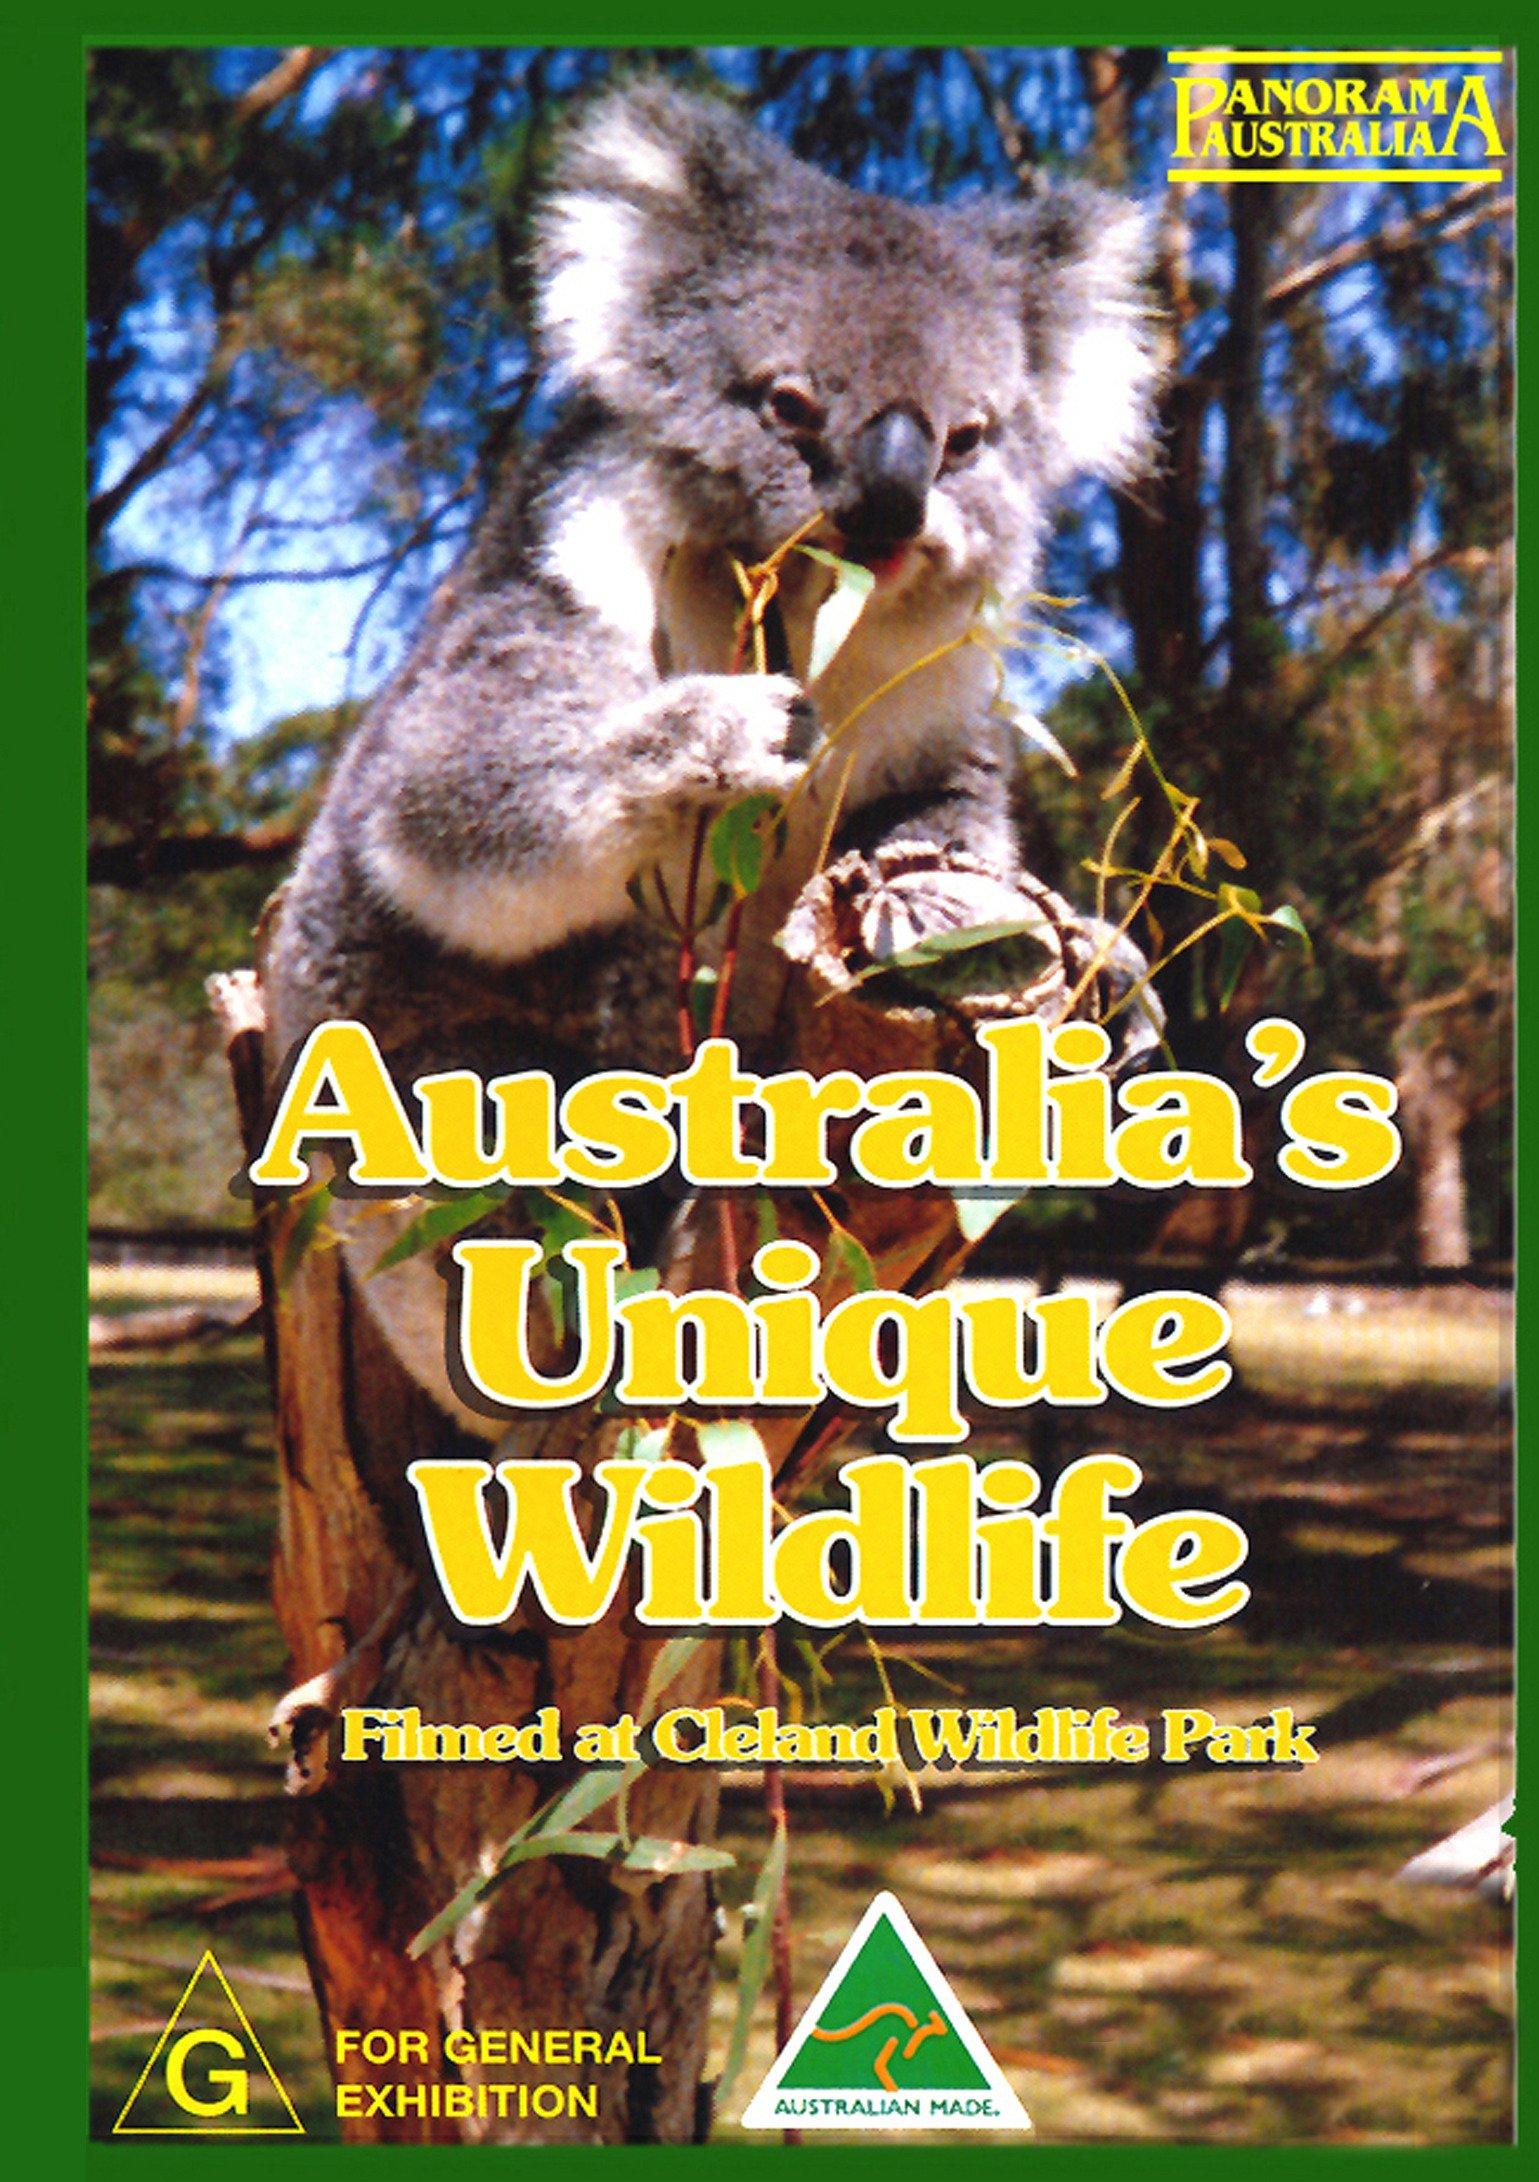 Australia's Unique Wildlife